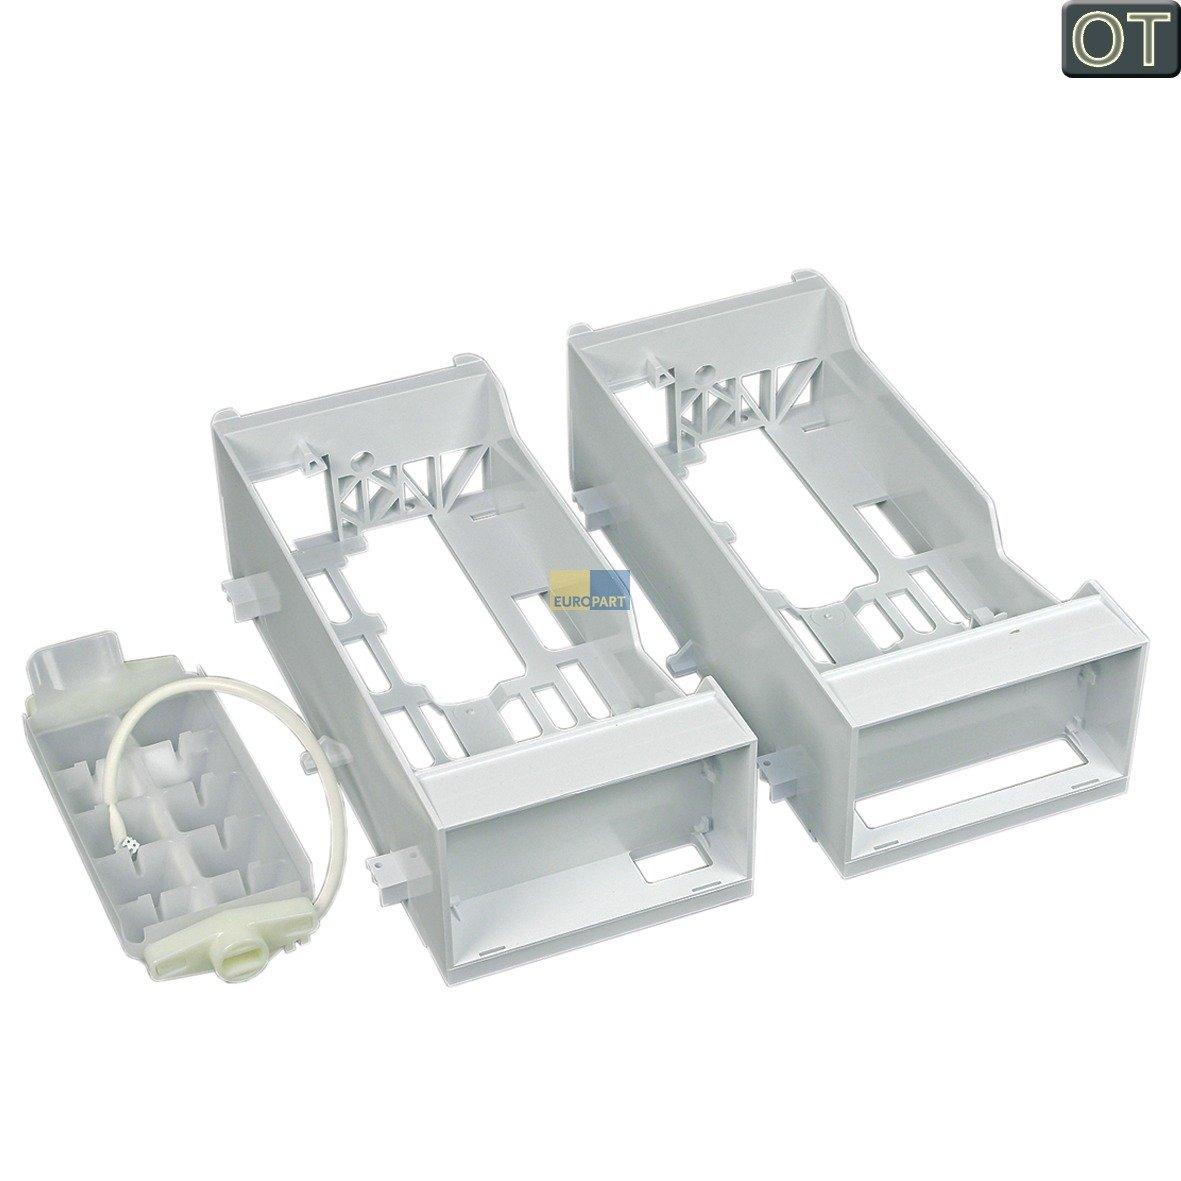 Liebherr 9590335 ORIGINAL Eiswürfelschale Eiswürfelbereiter ...